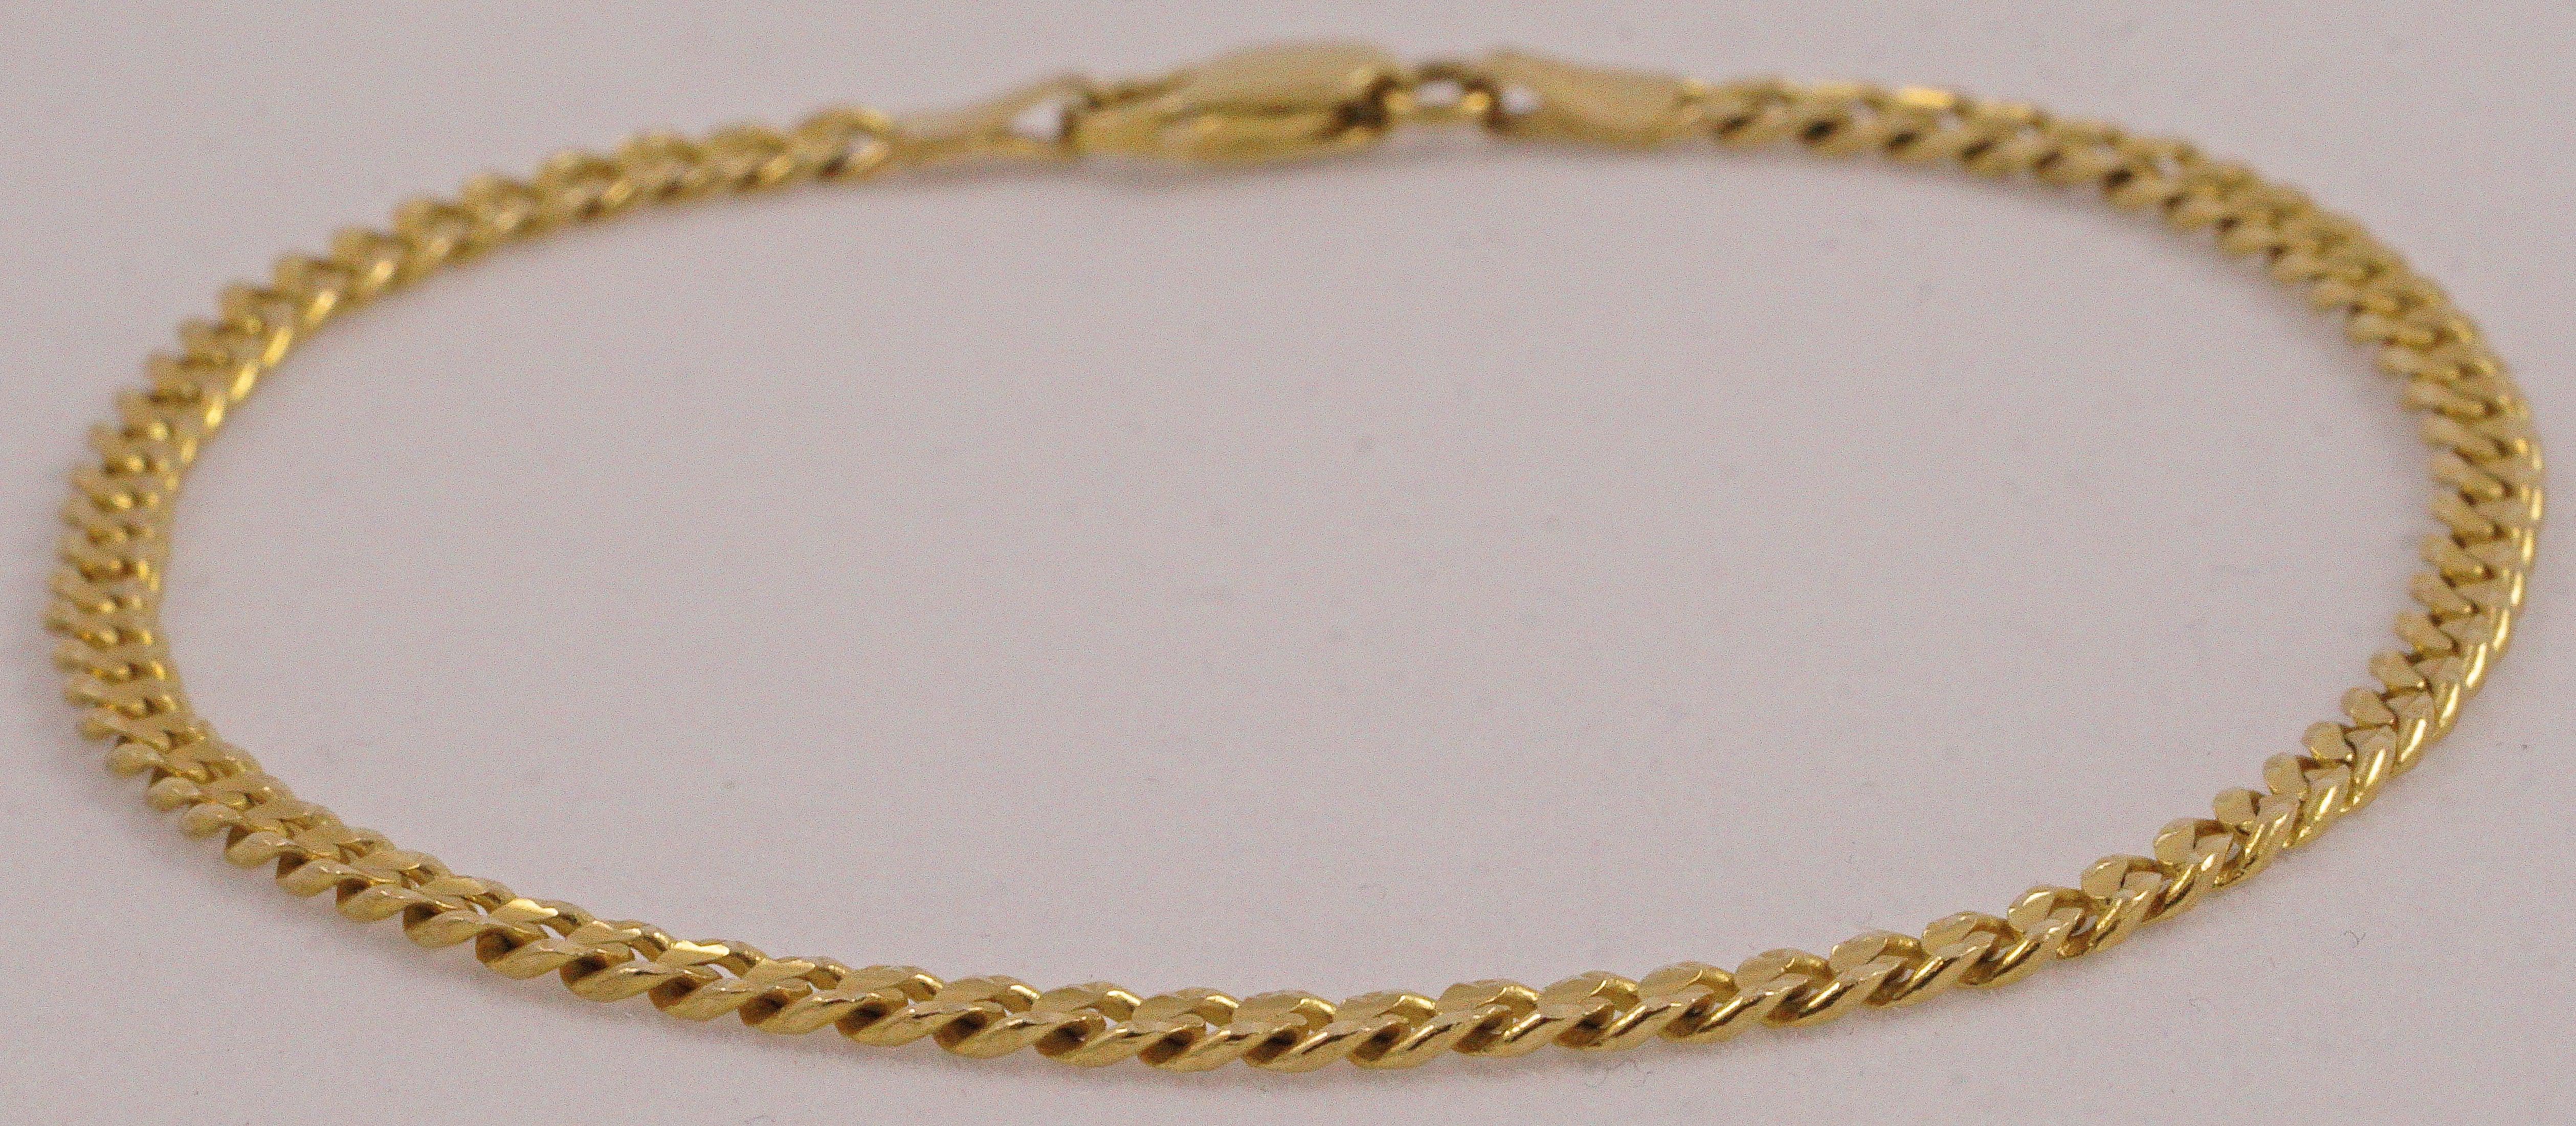 2019 Fashion Sterling Silver Fancy Link 7.5in Bracelet Size 7.5 Jade White Fine Bracelets